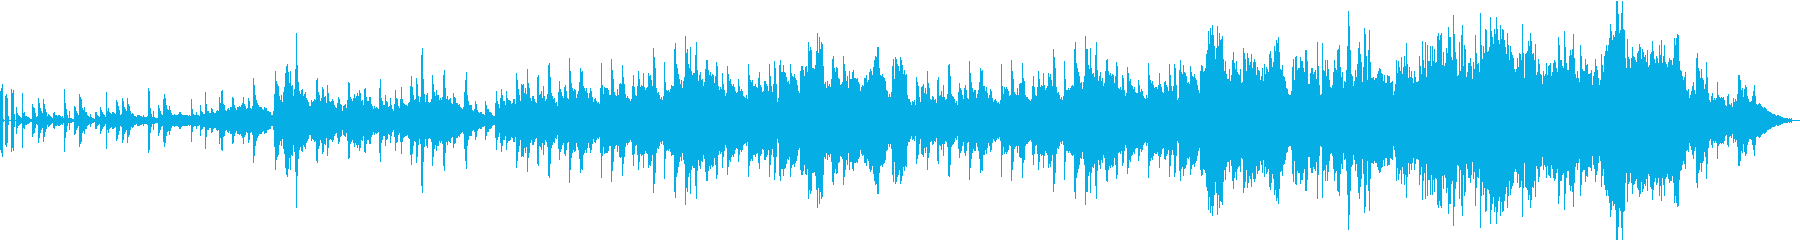 現代的 交響曲 モダン 室内楽 可...の再生済みの波形